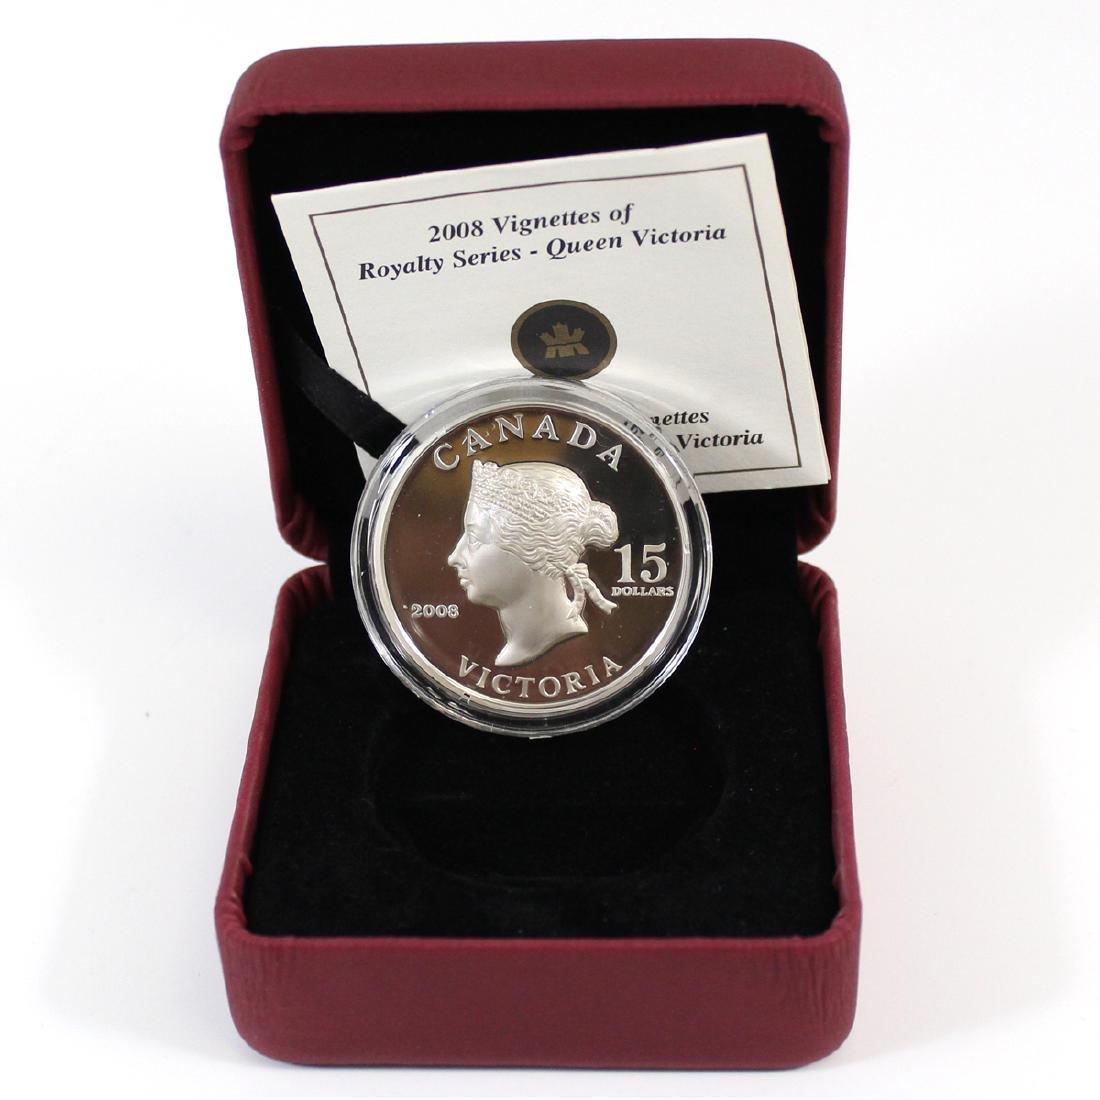 2008 Canada $15 Queen Victoria Vignettes of Royalty